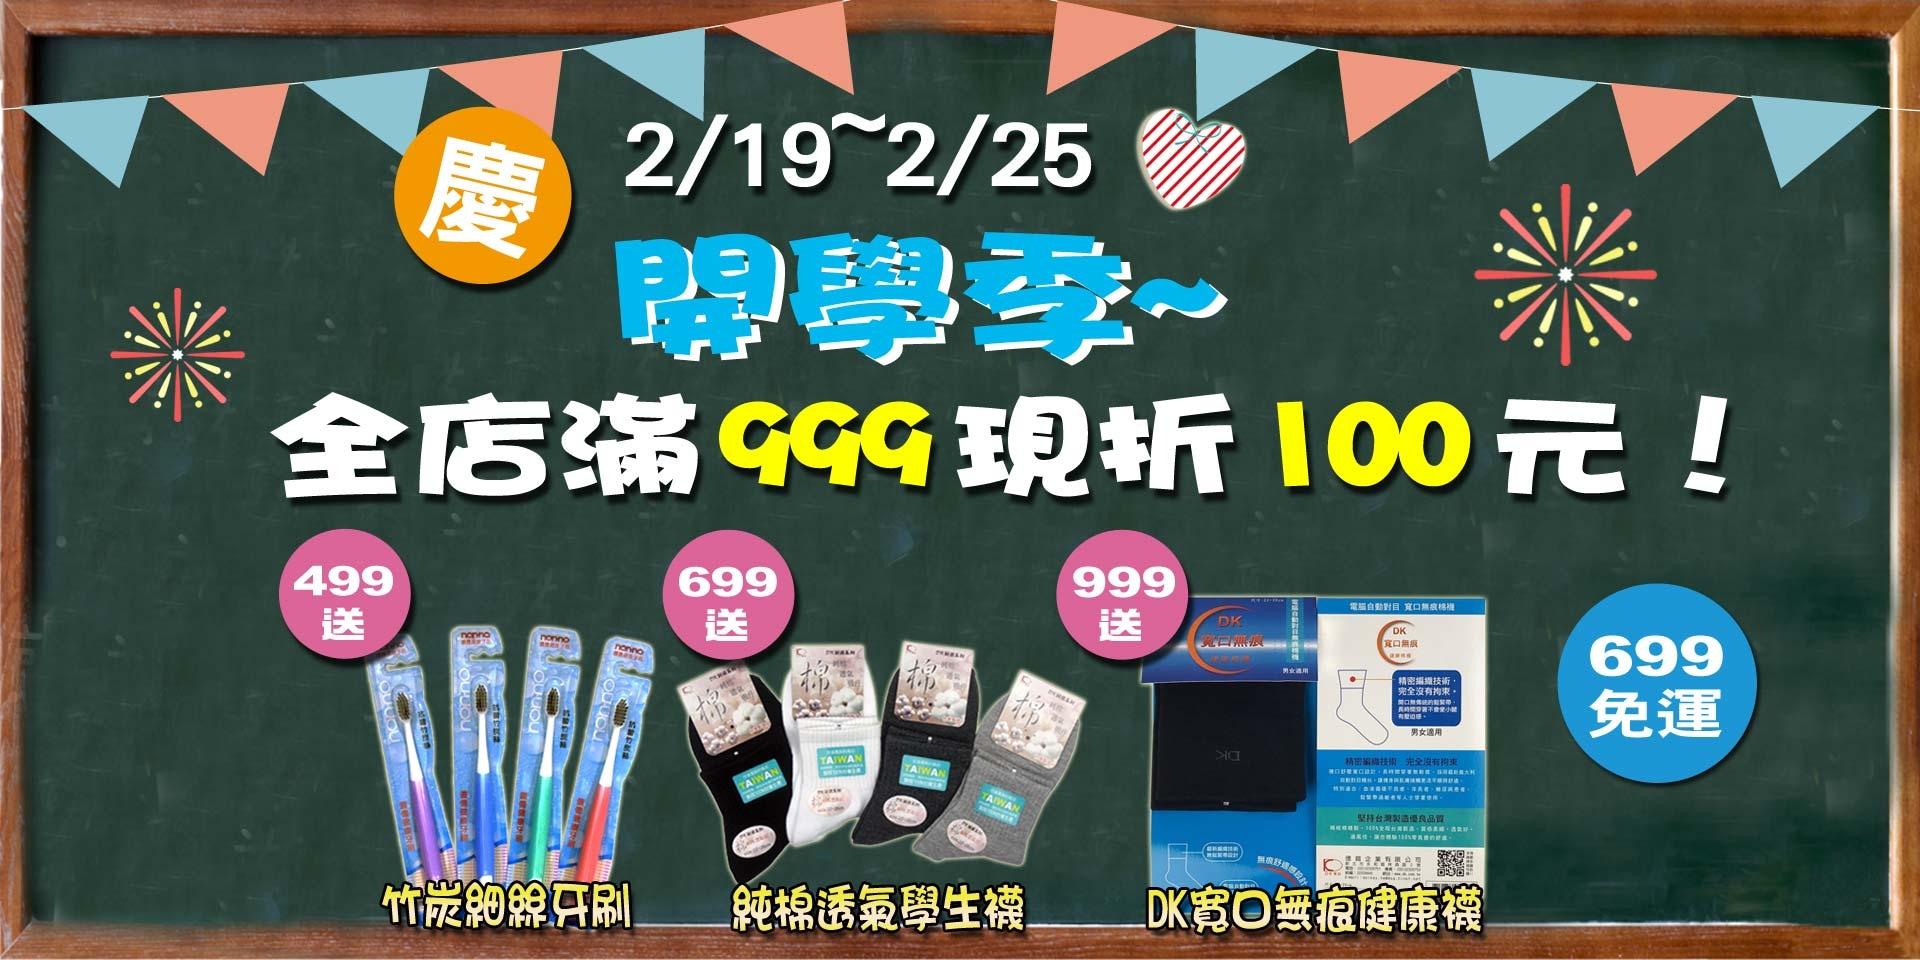 開學季~全店滿699免運!滿999現折100元!還有滿額好禮送!